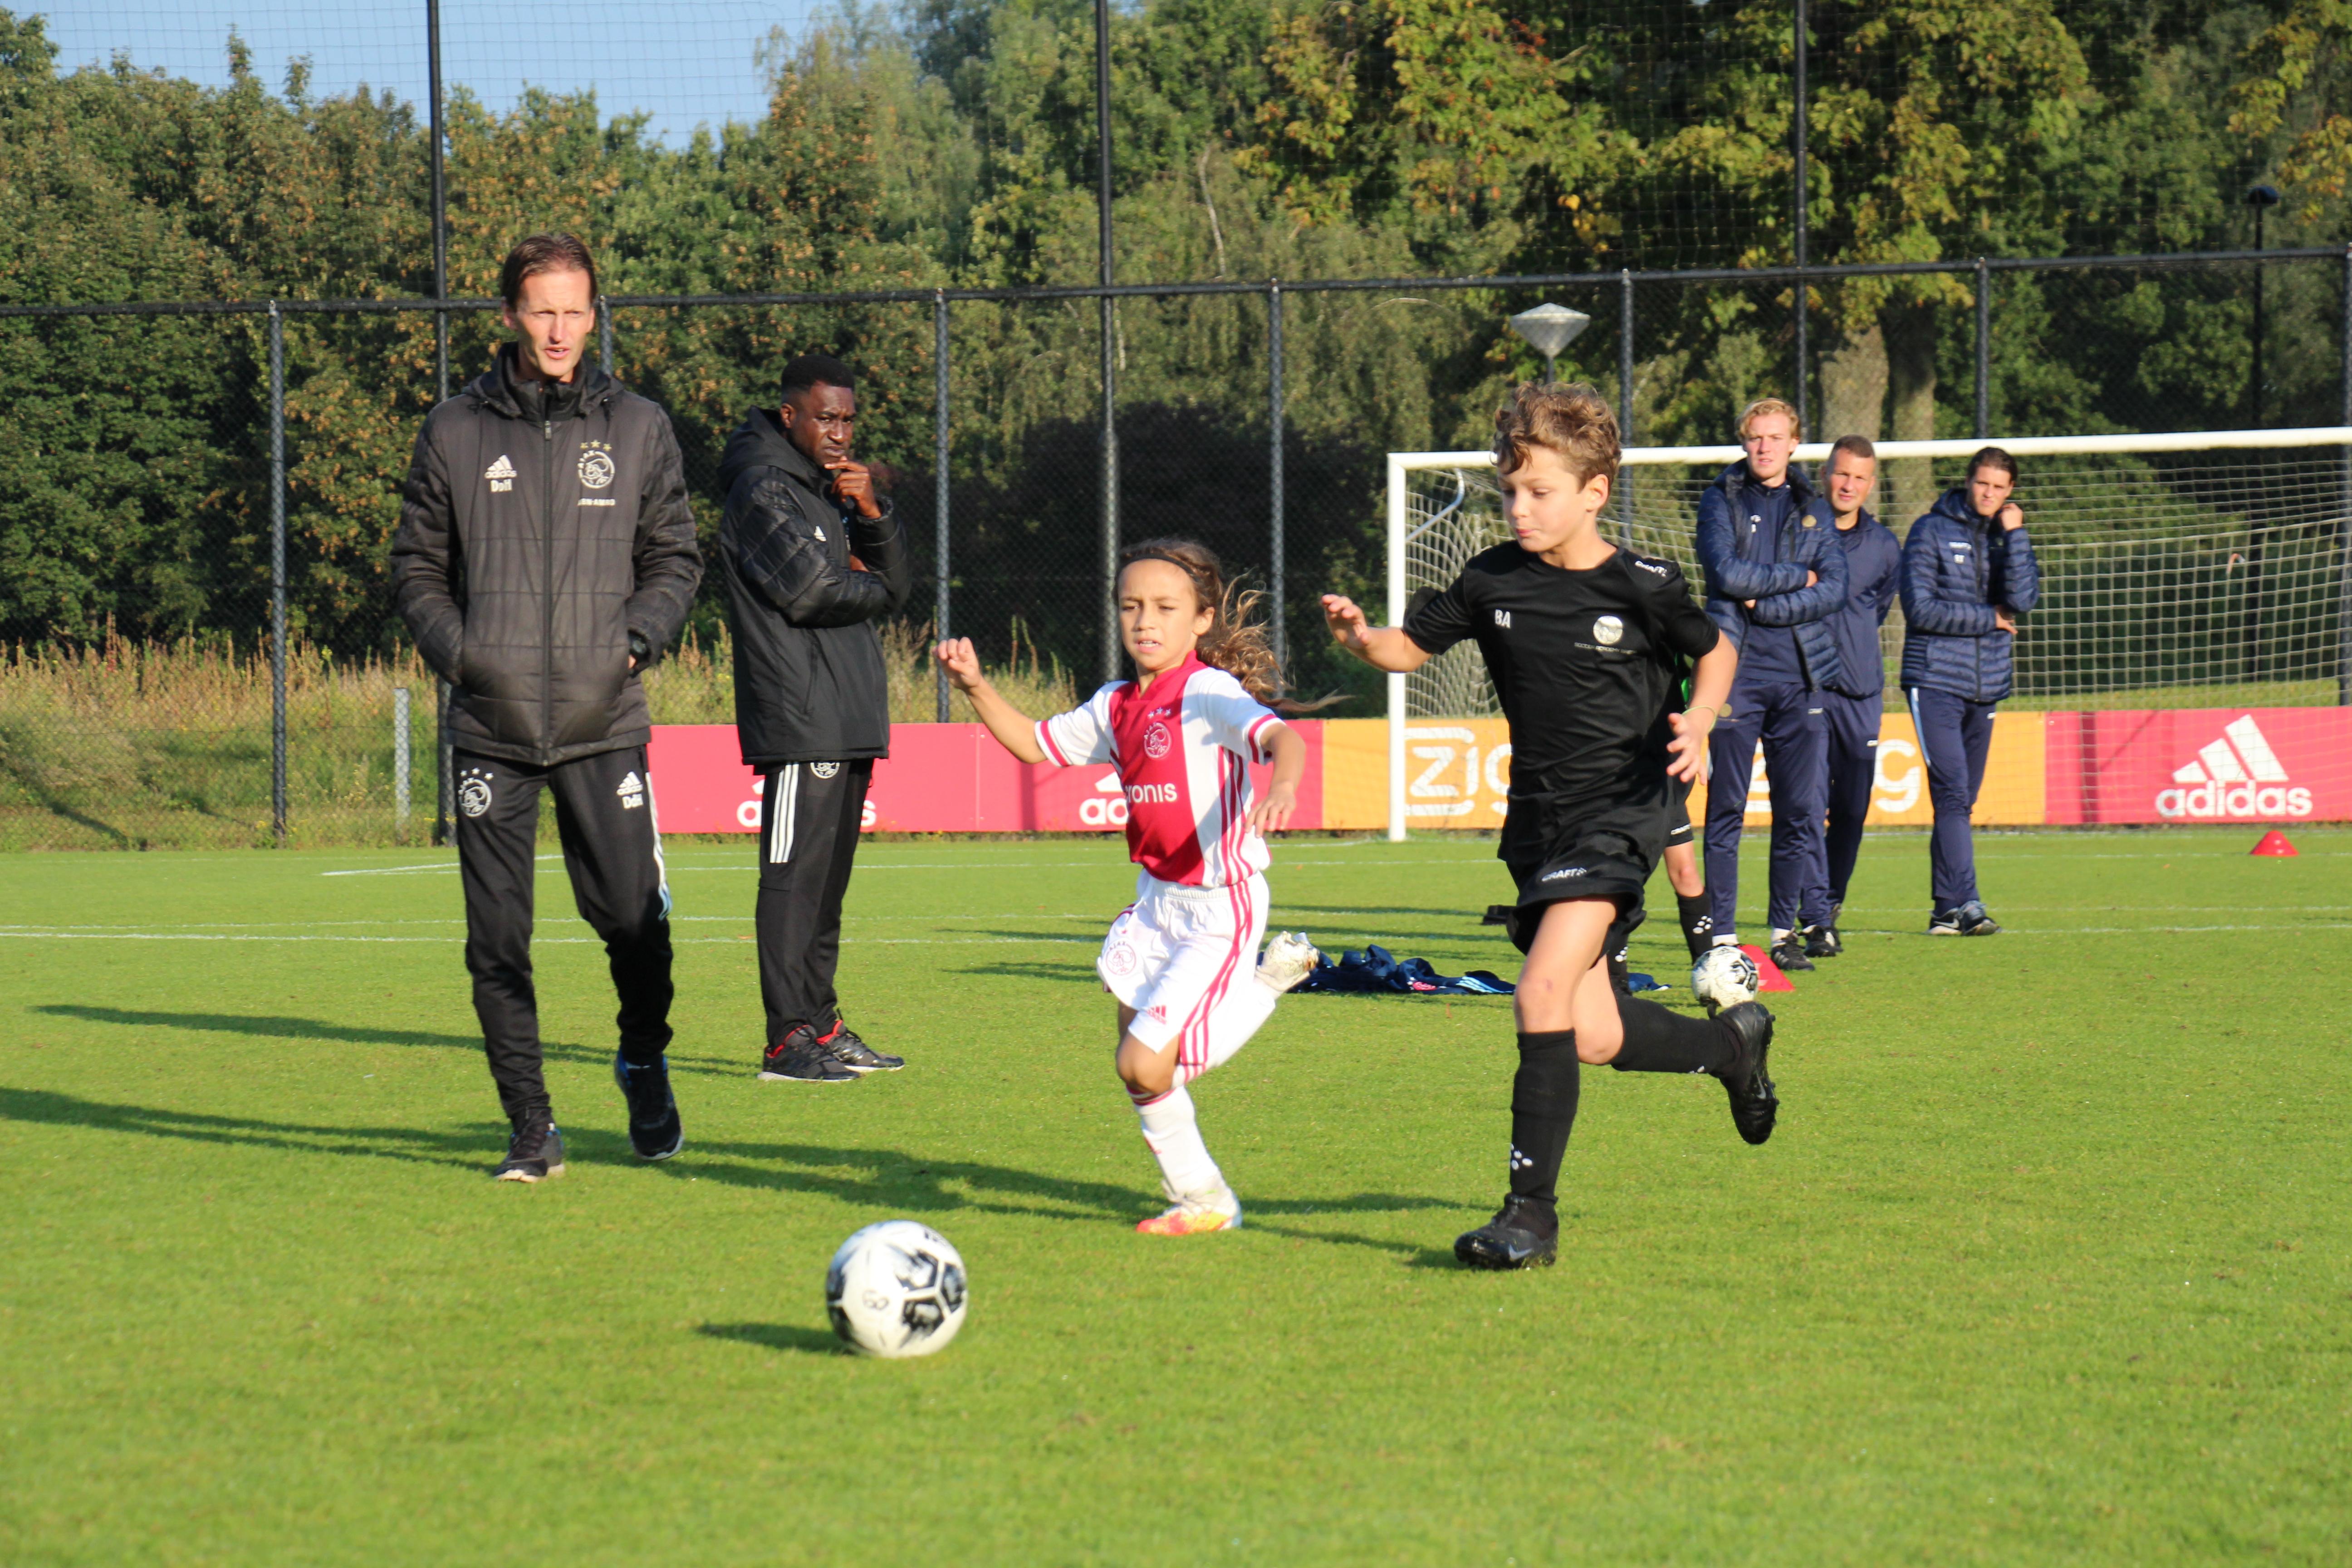 https://socceracademybreda.nl/wp-content/uploads/2020/10/IMG_7122.jpg